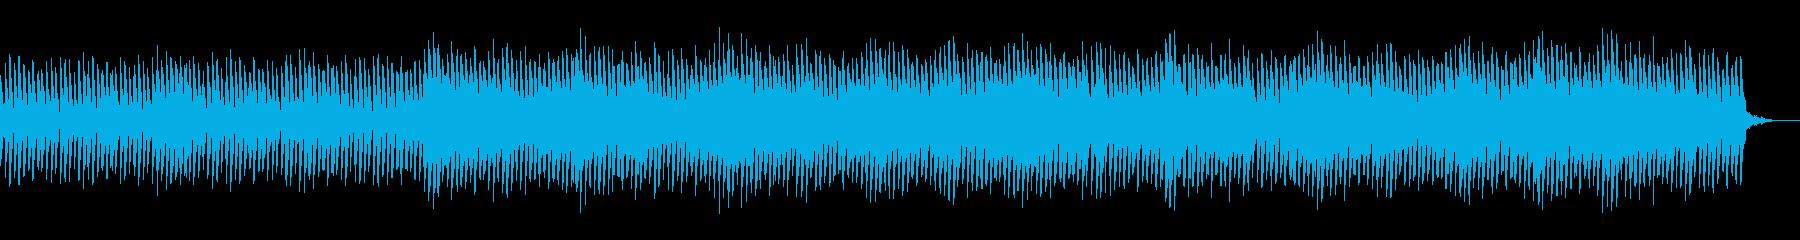 80sを感じさせるシンセサイザーBGMの再生済みの波形